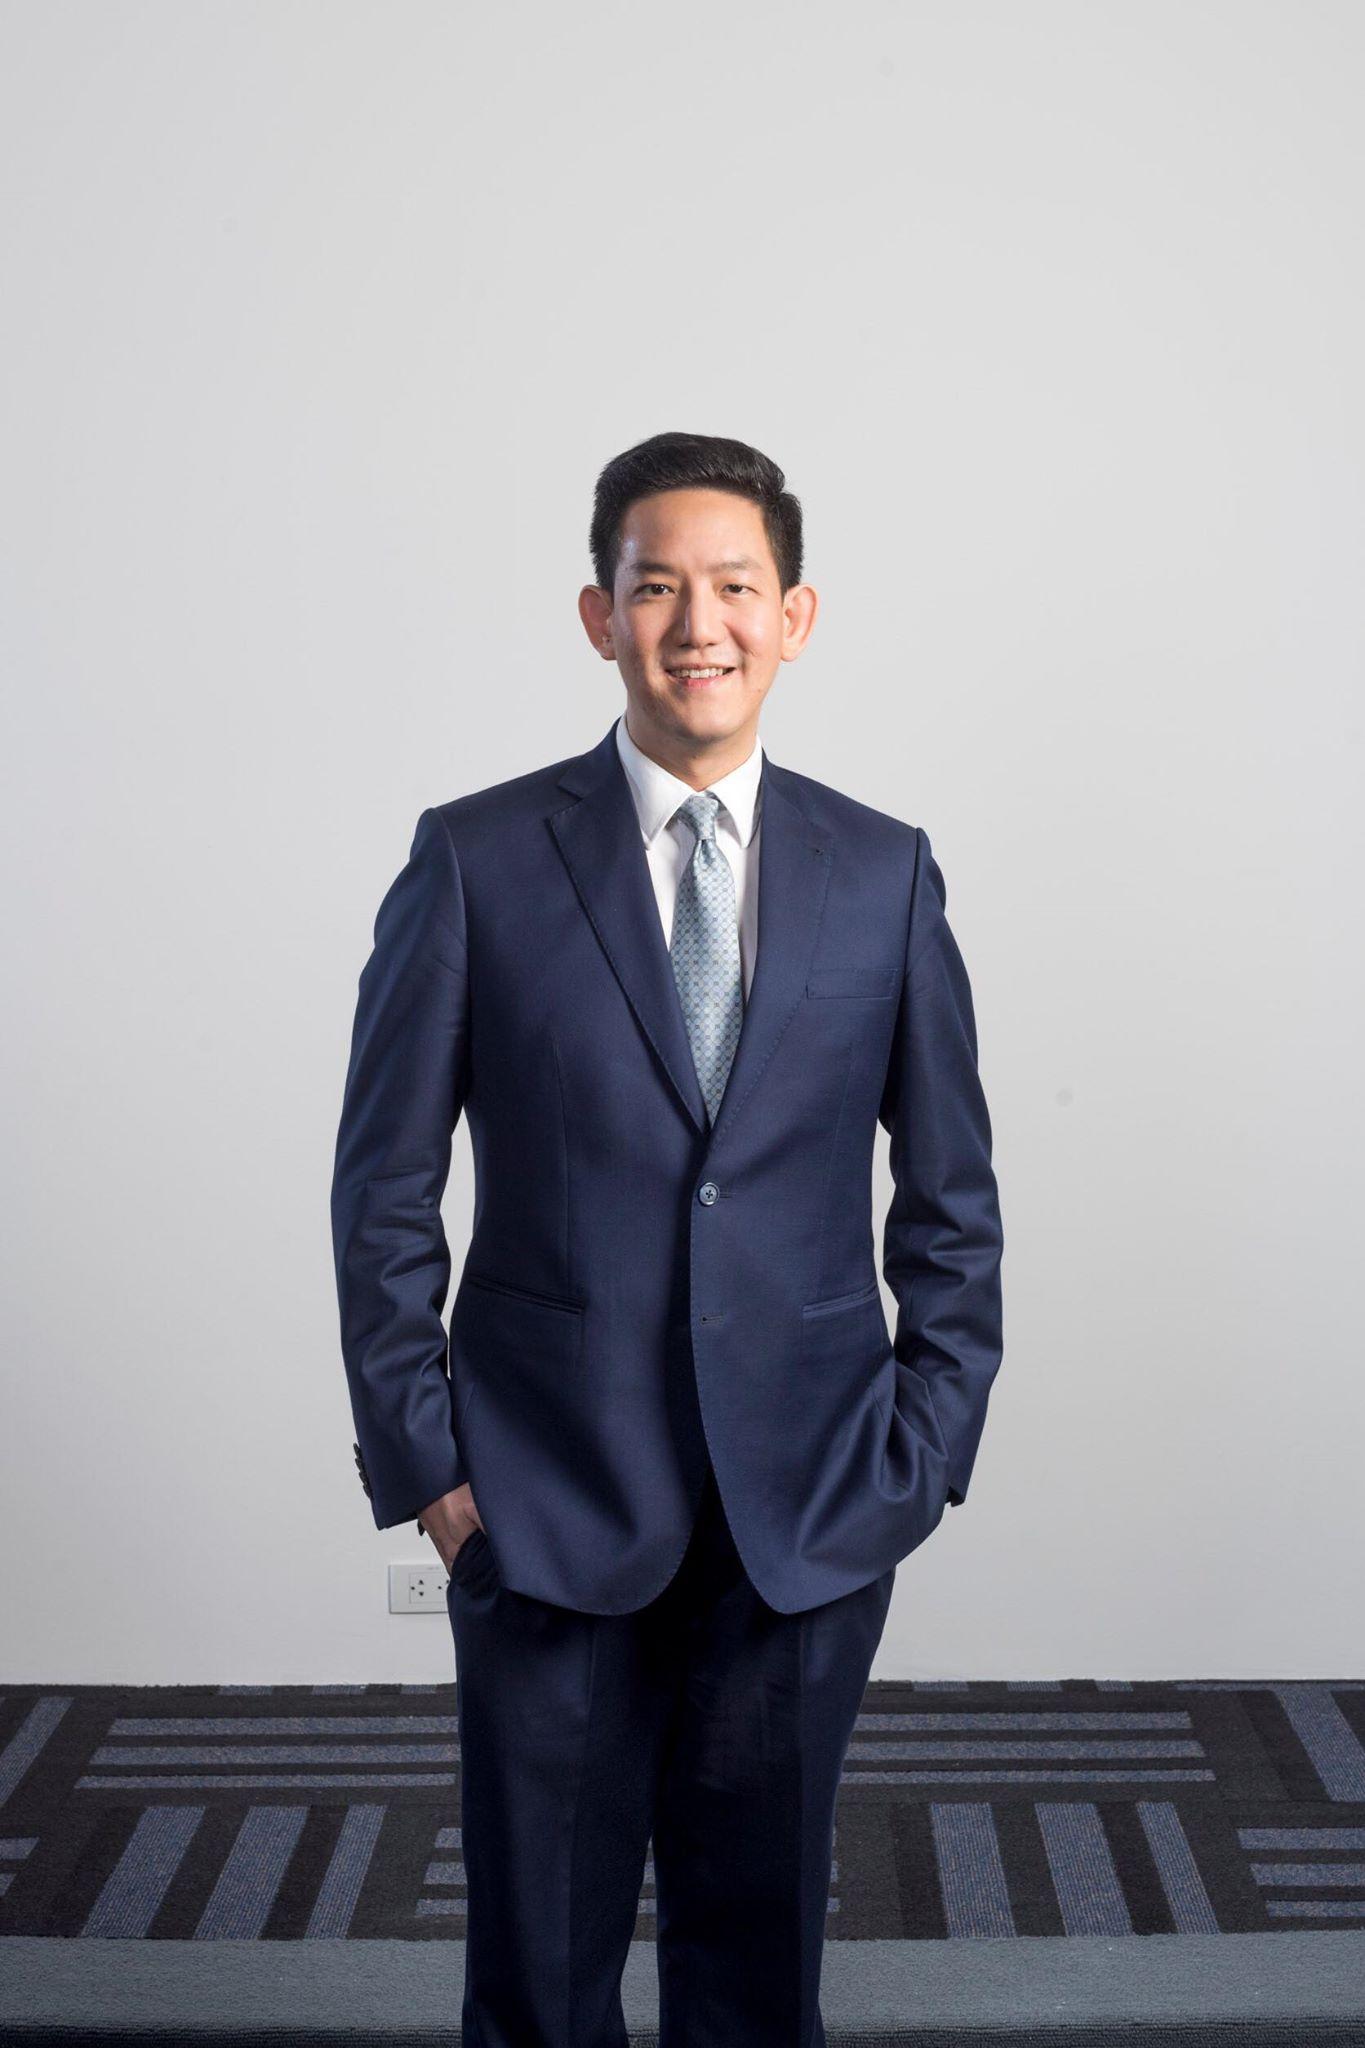 นายวิน อุดมรัชตวนิชย์ ประธานกรรมการบริหาร บริษัทหลักทรัพย์ เคทีบี (ประเทศไทย) จำกัด (มหาชน) หรือ KTBST